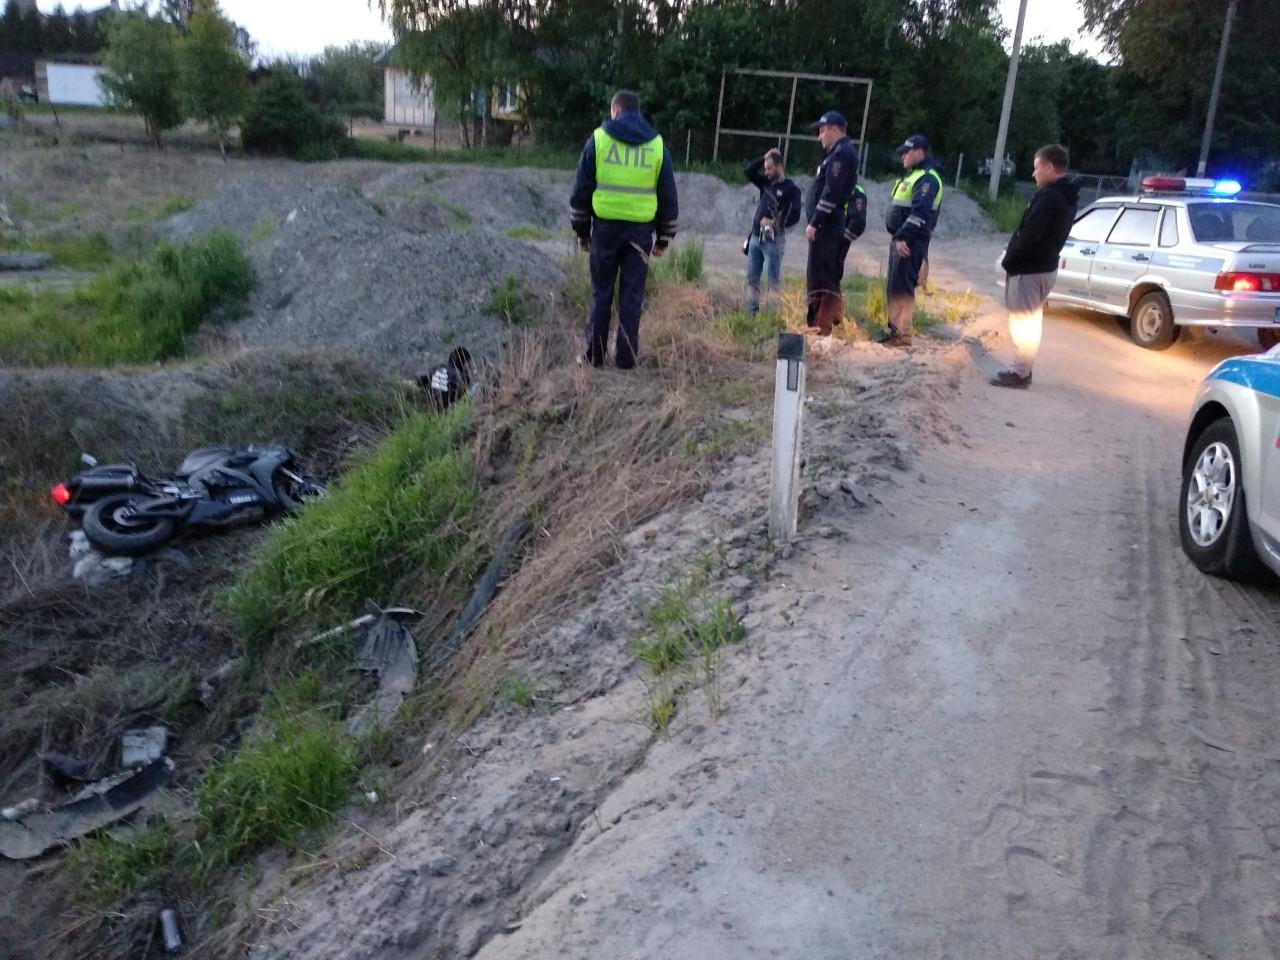 В Хабаровске обнаружили труп 59-летнего мужчины в канаве с водой